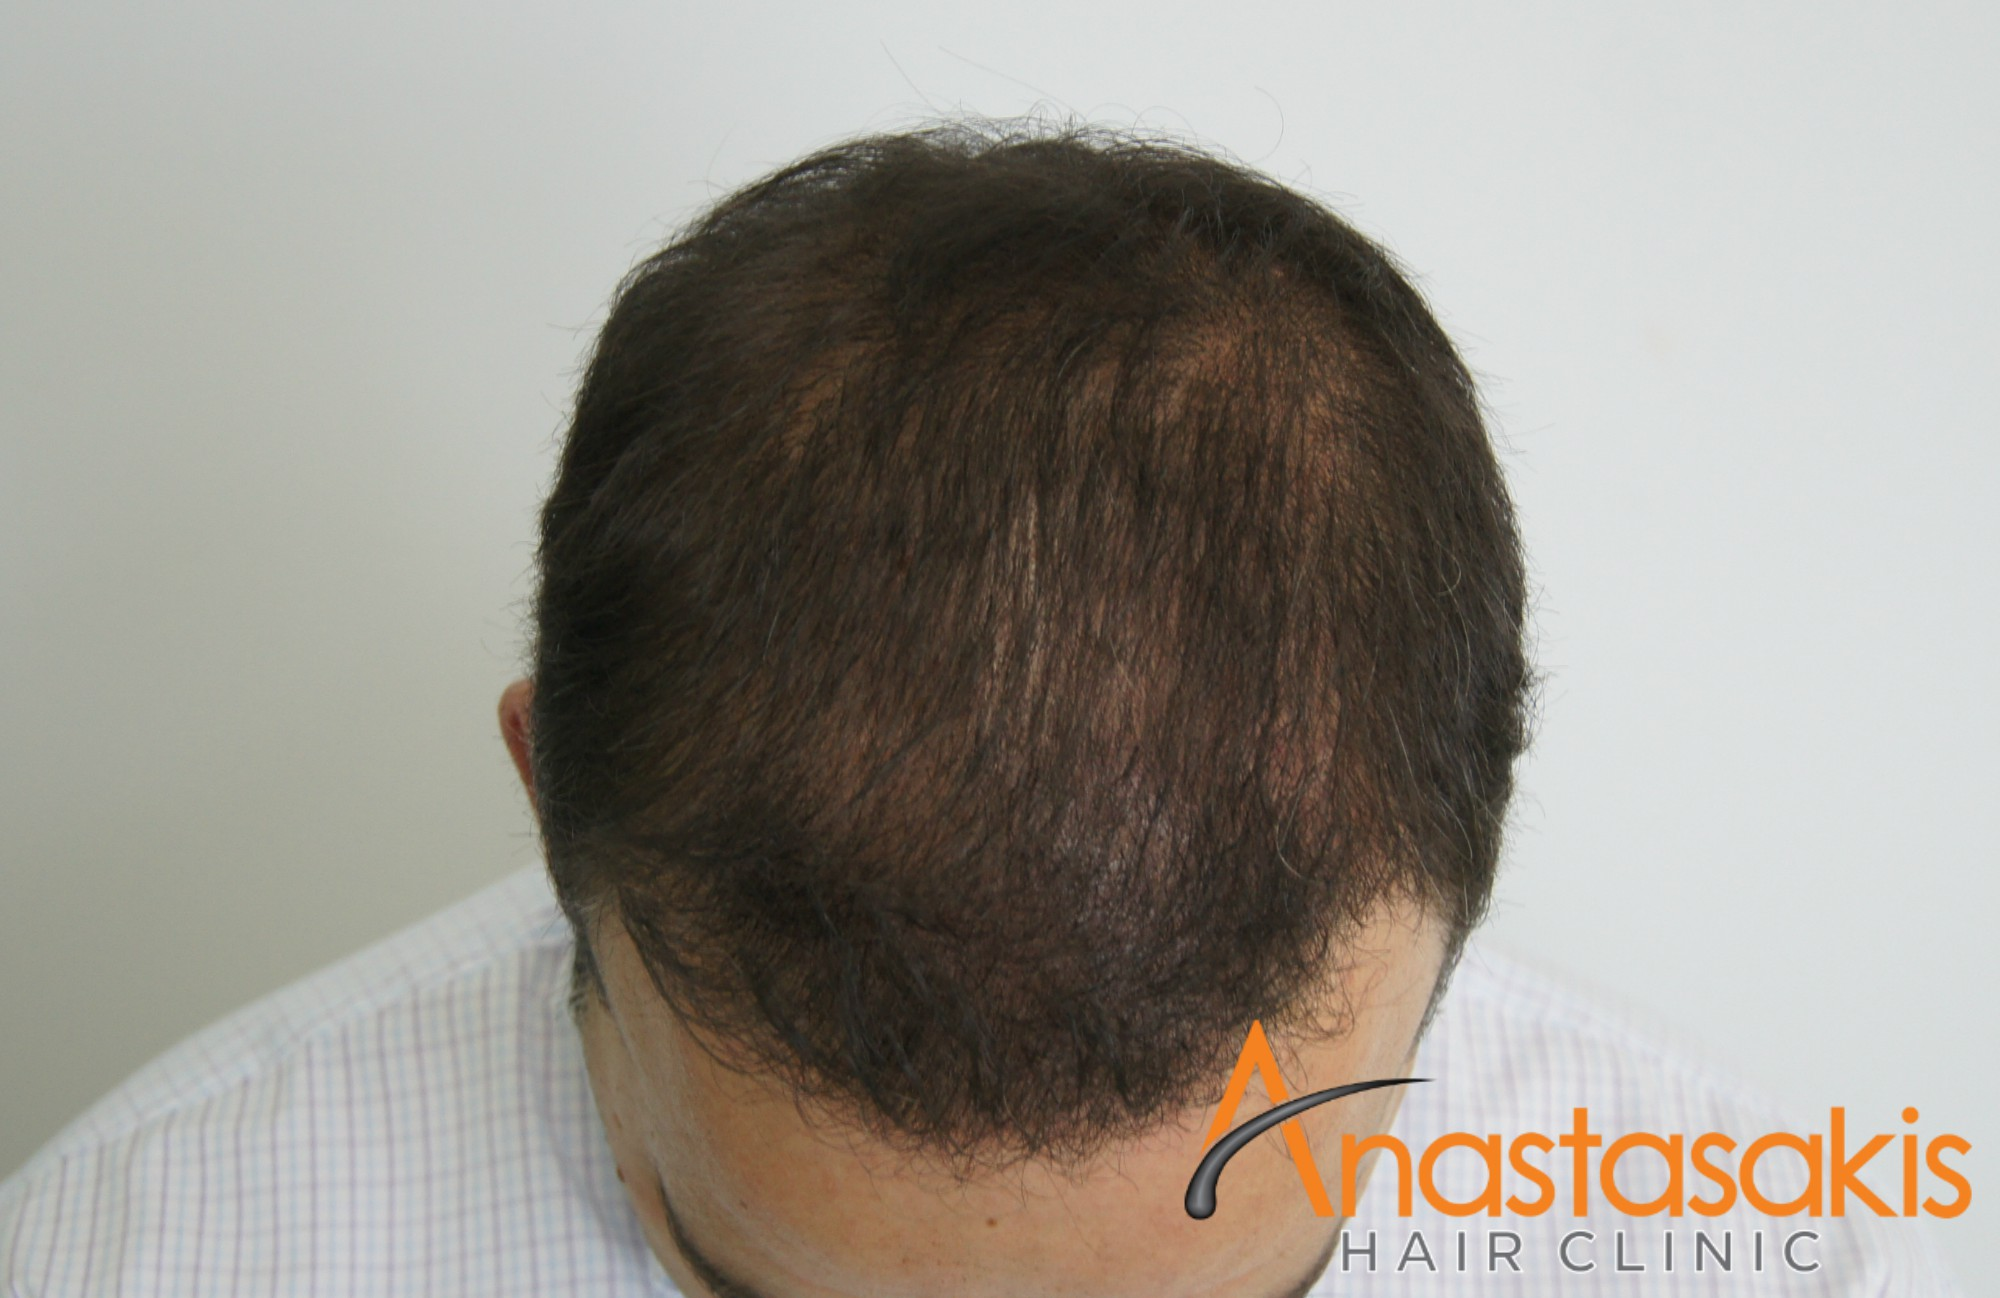 προσθια ασθενους μετα τη μεταμοσχευση μαλλιων με 3000 fus